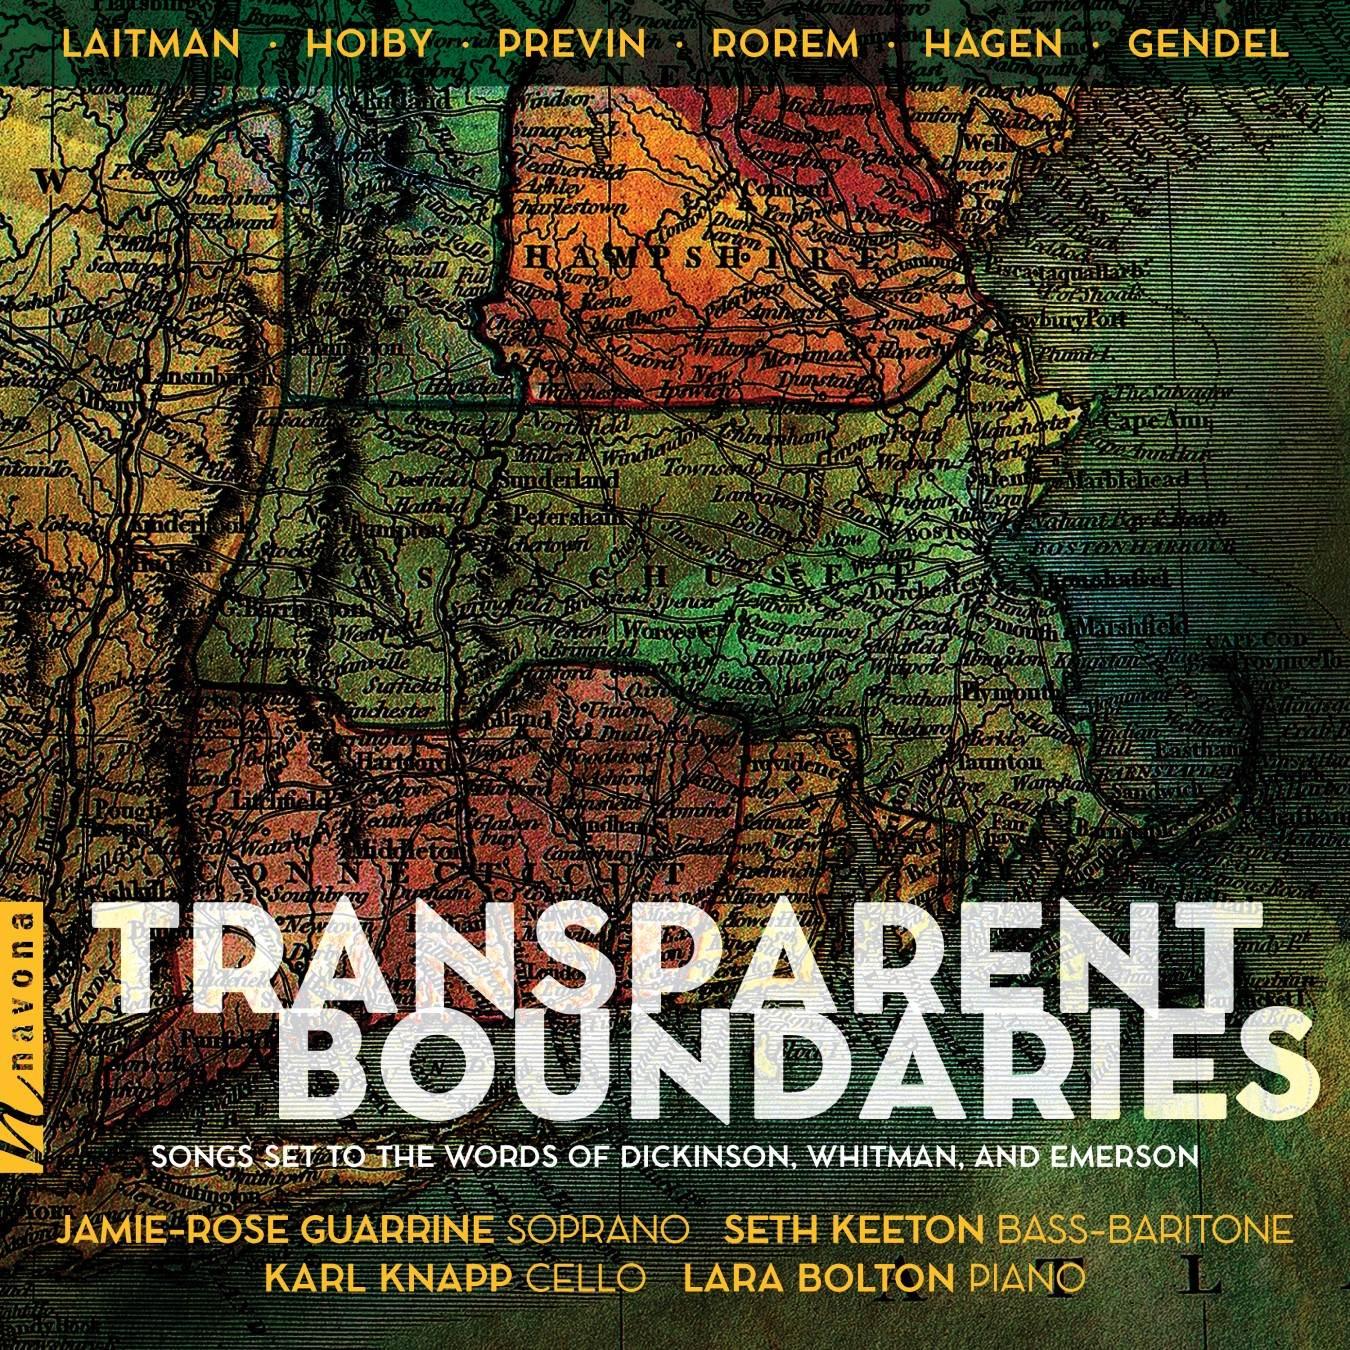 TRANSPARENT BOUNDARIES- album cover